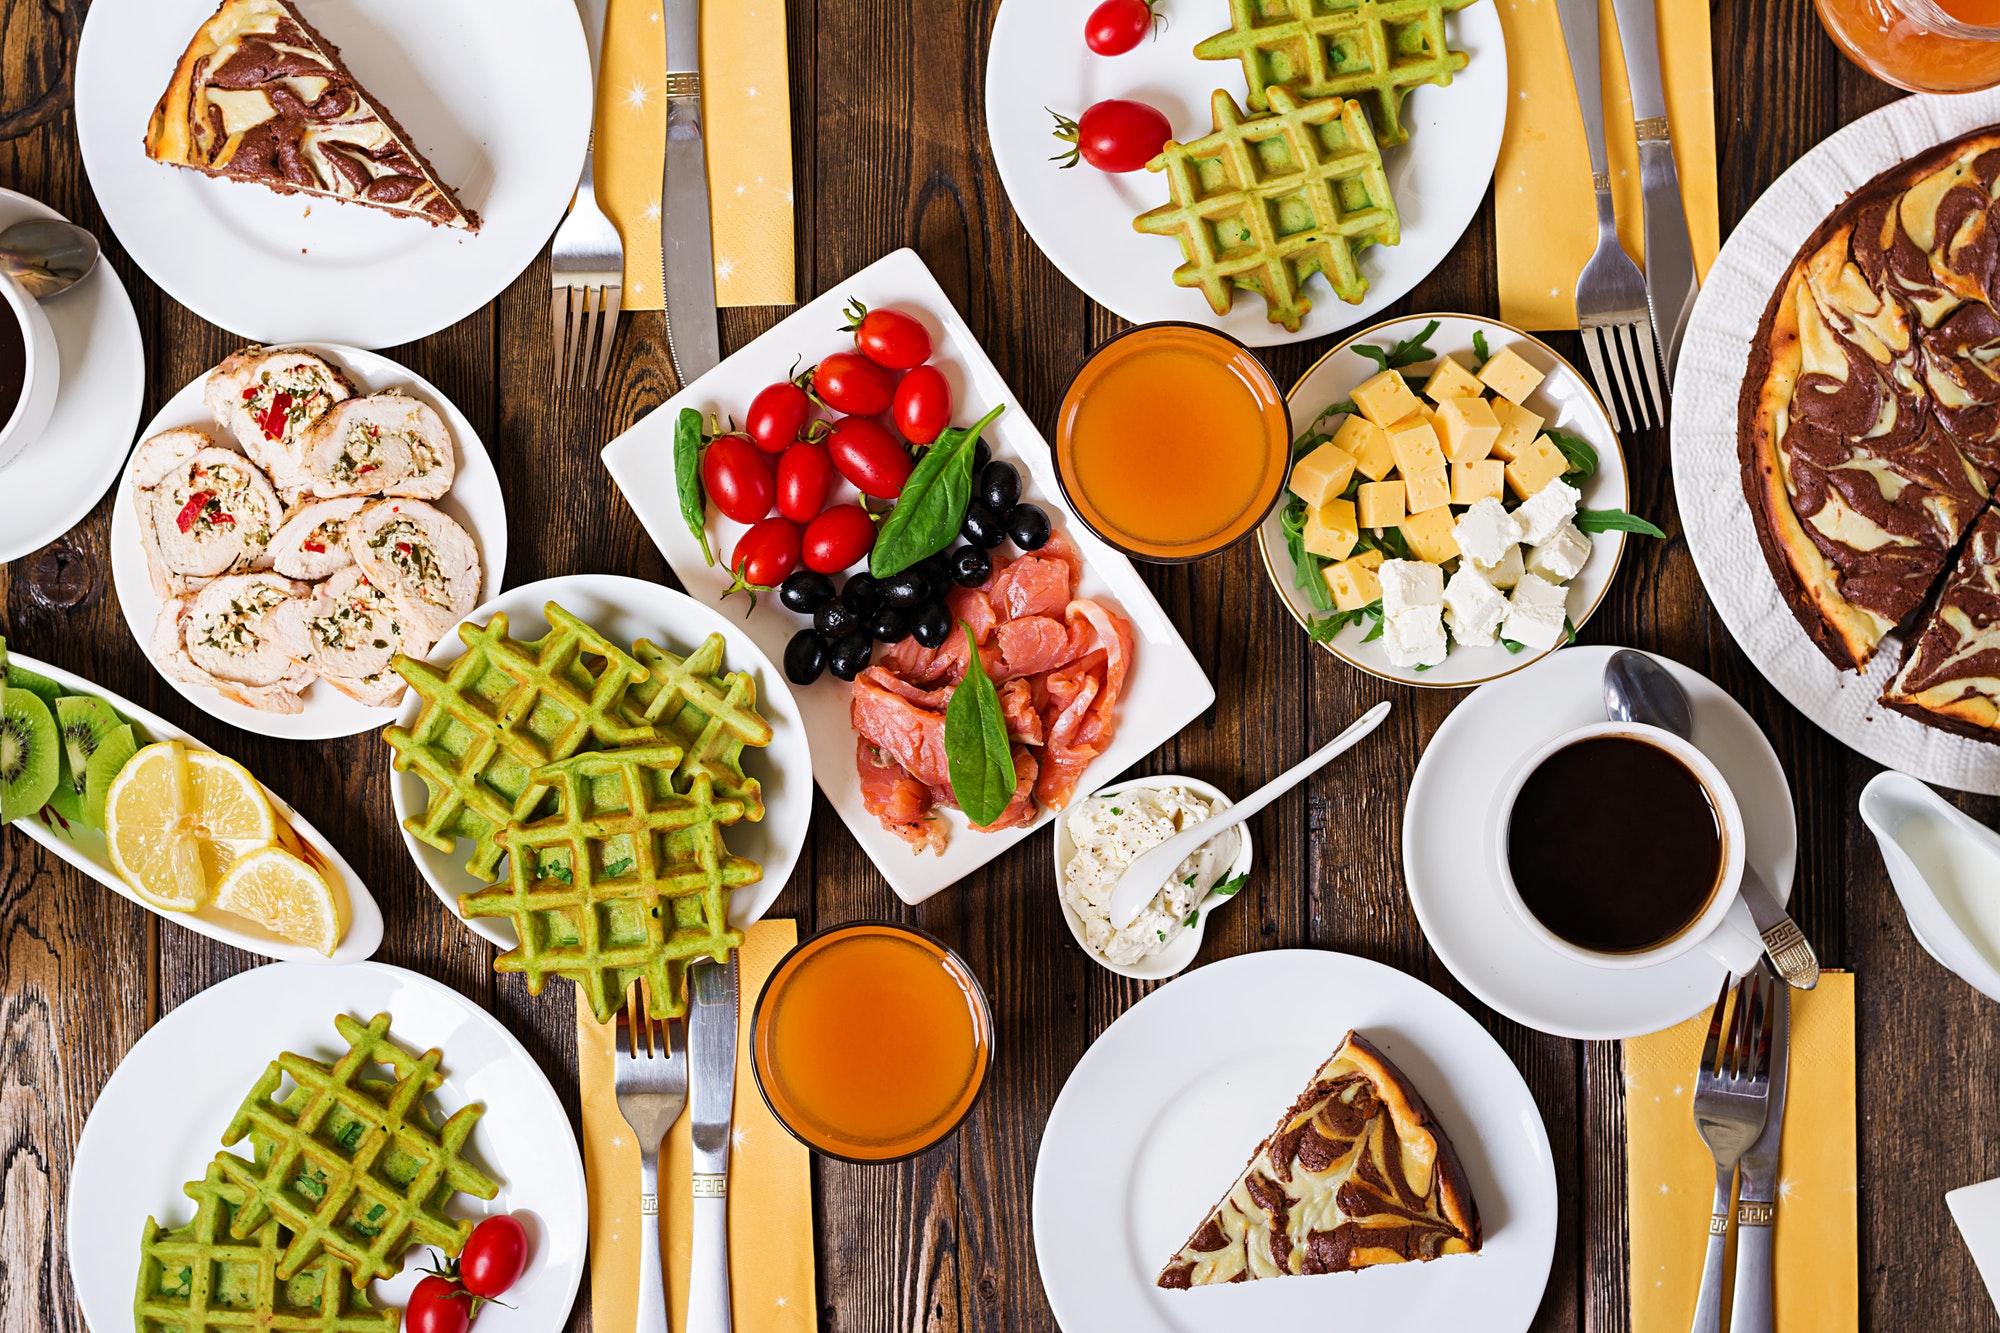 Breakfast food table. Festive brunch set